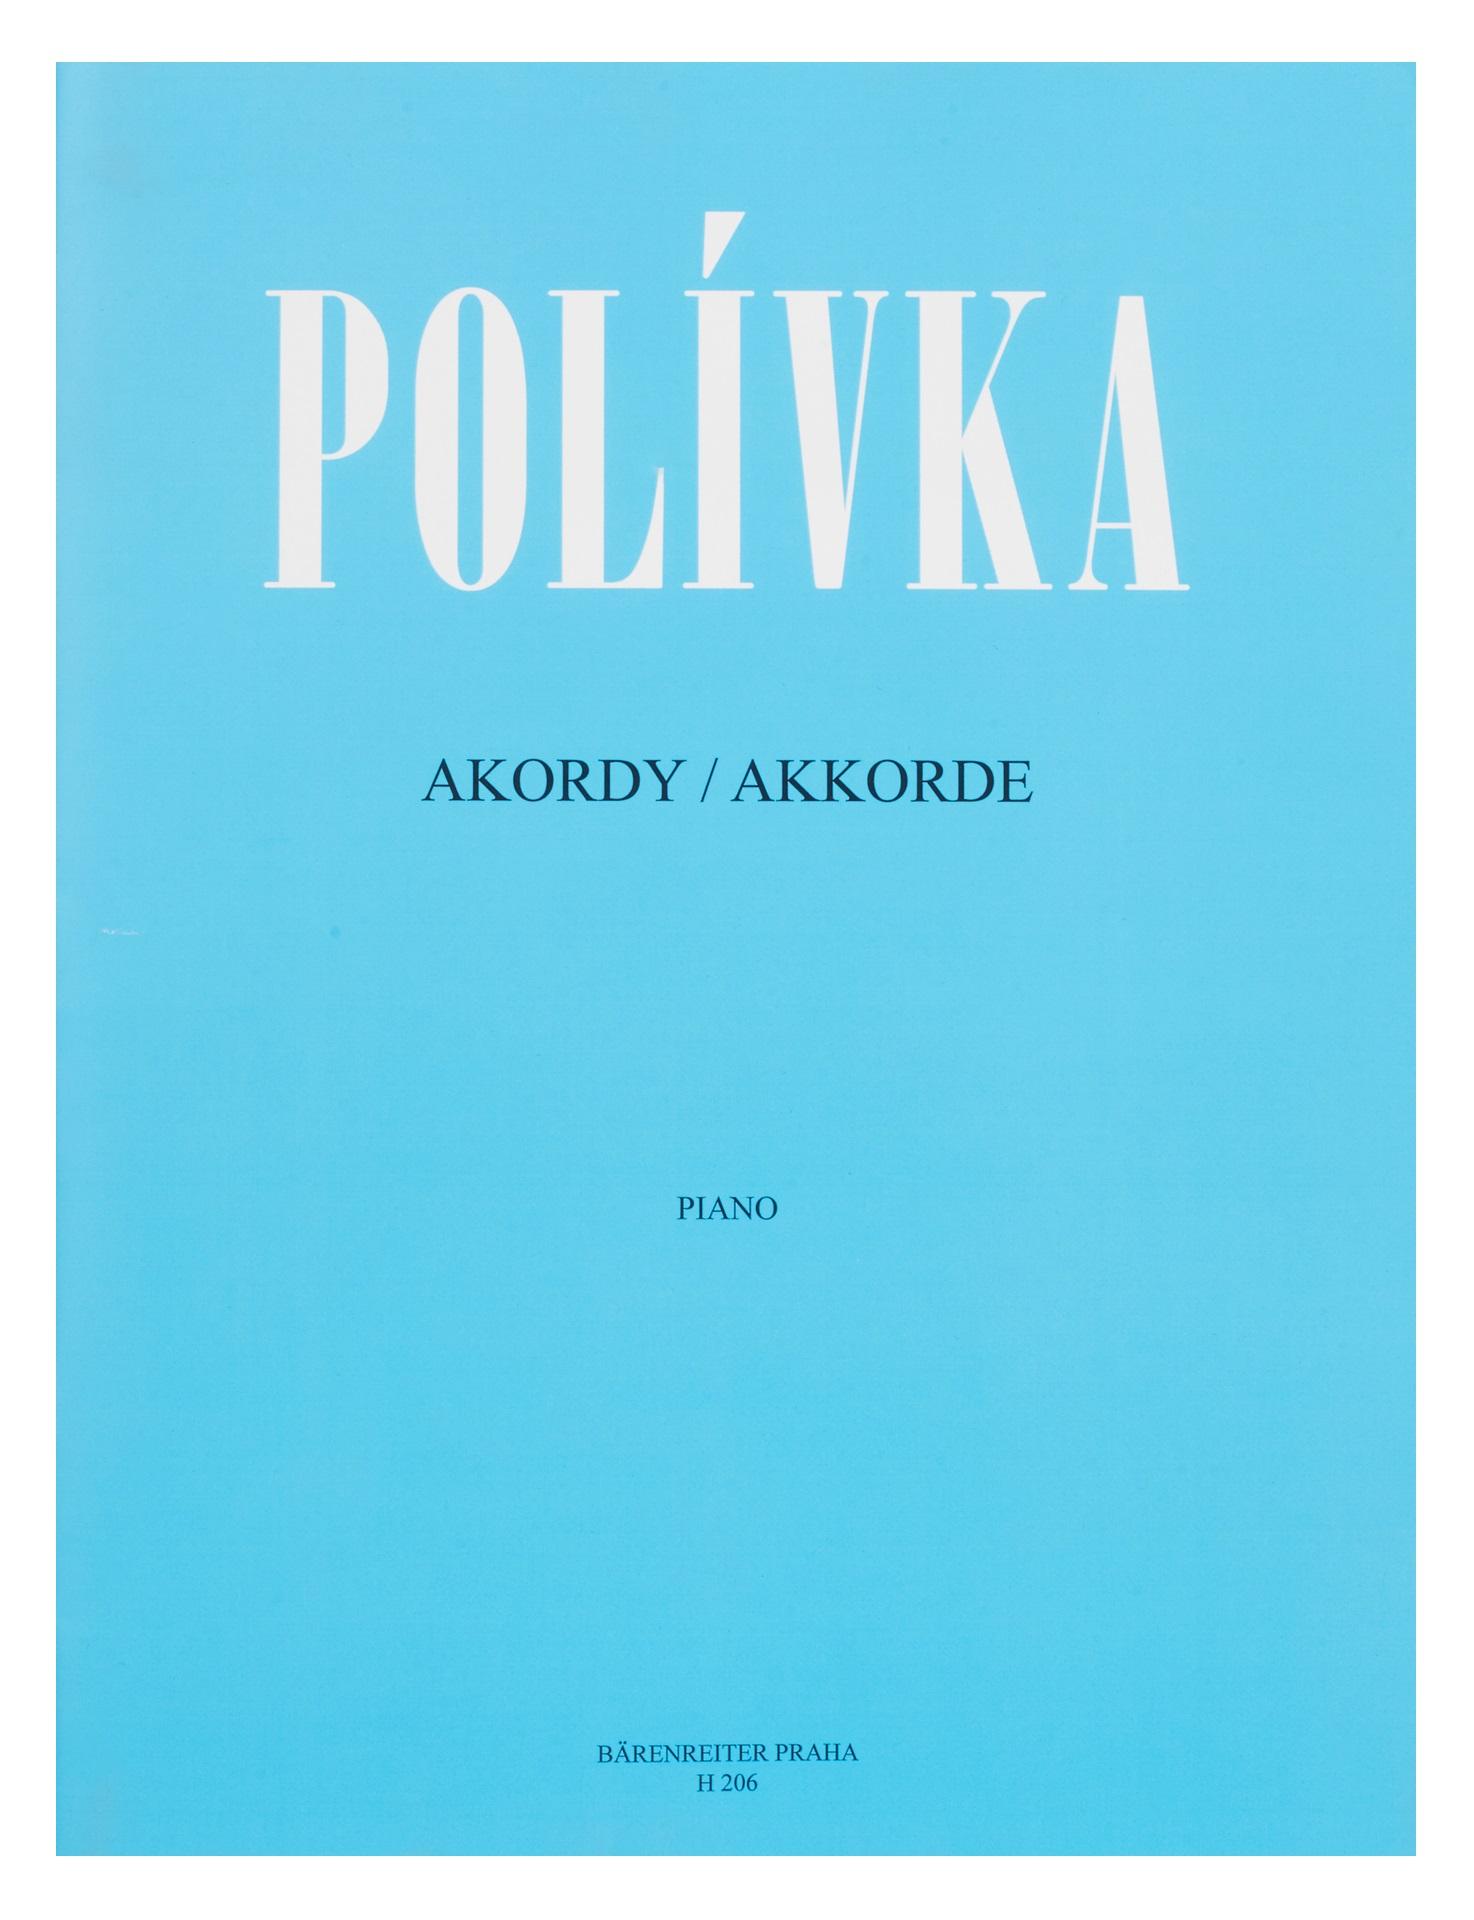 KN Akordy - Vladimír Polívka